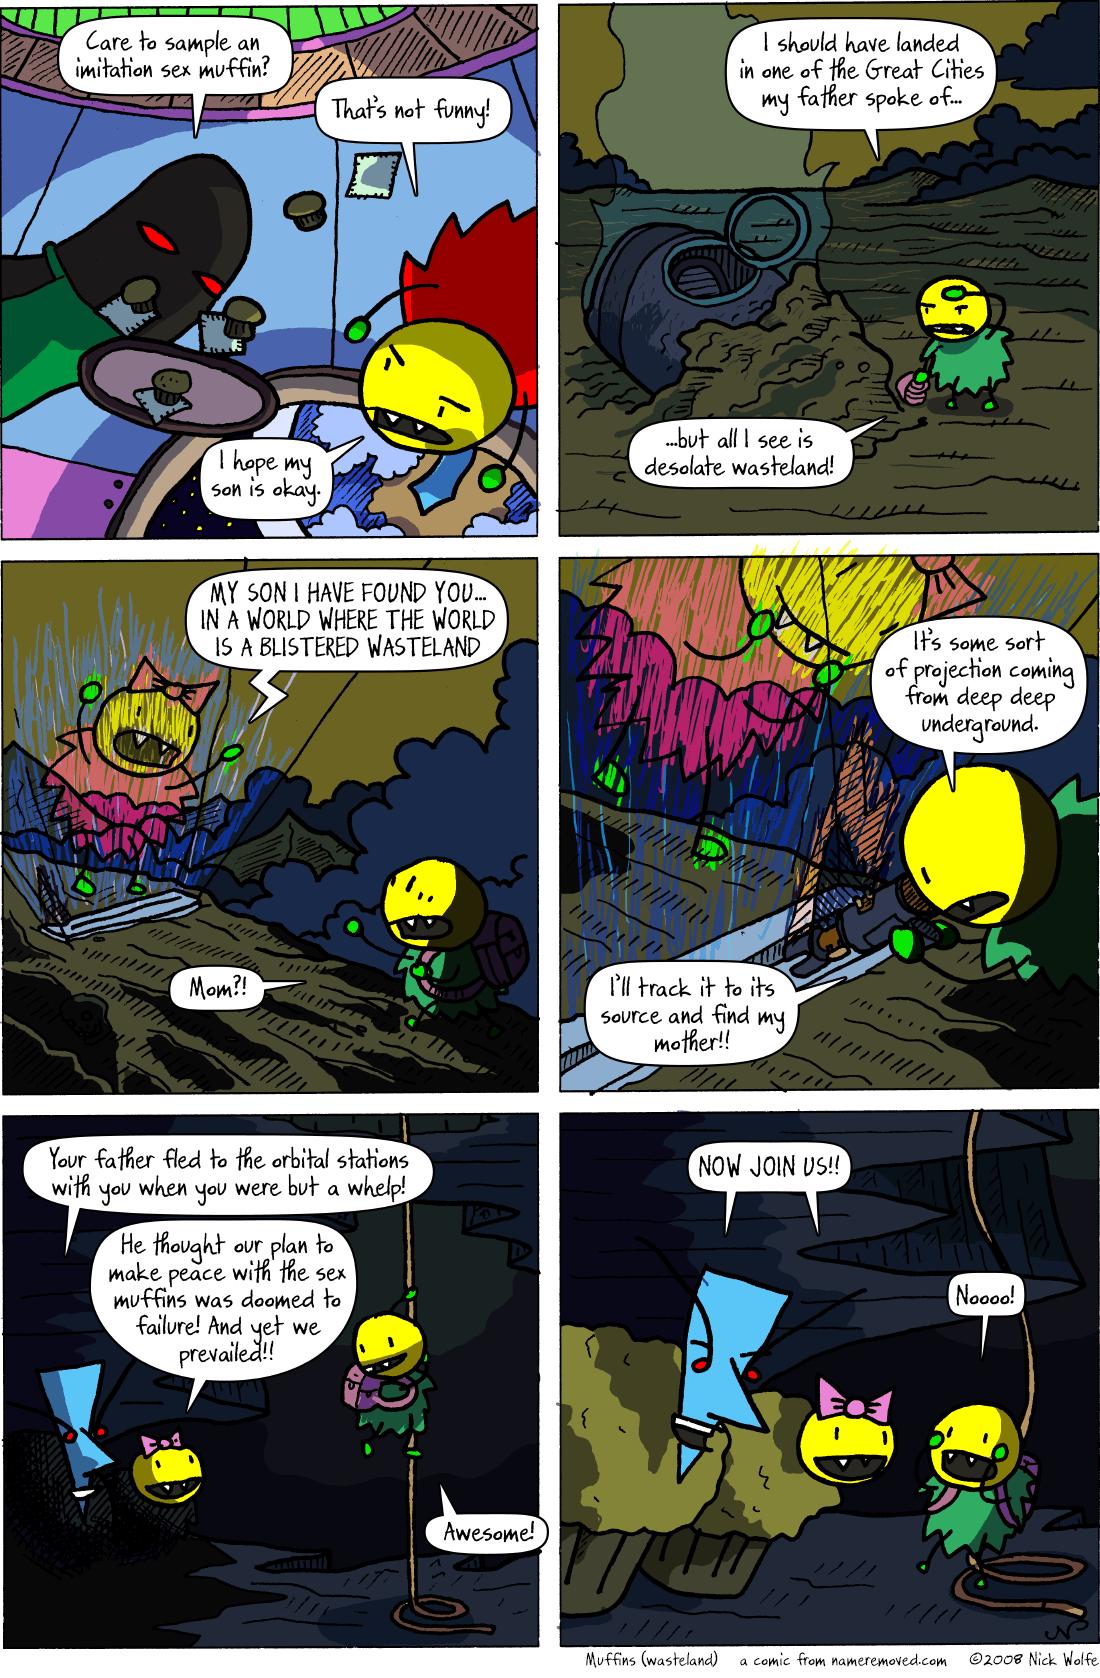 Muffins (wasteland)